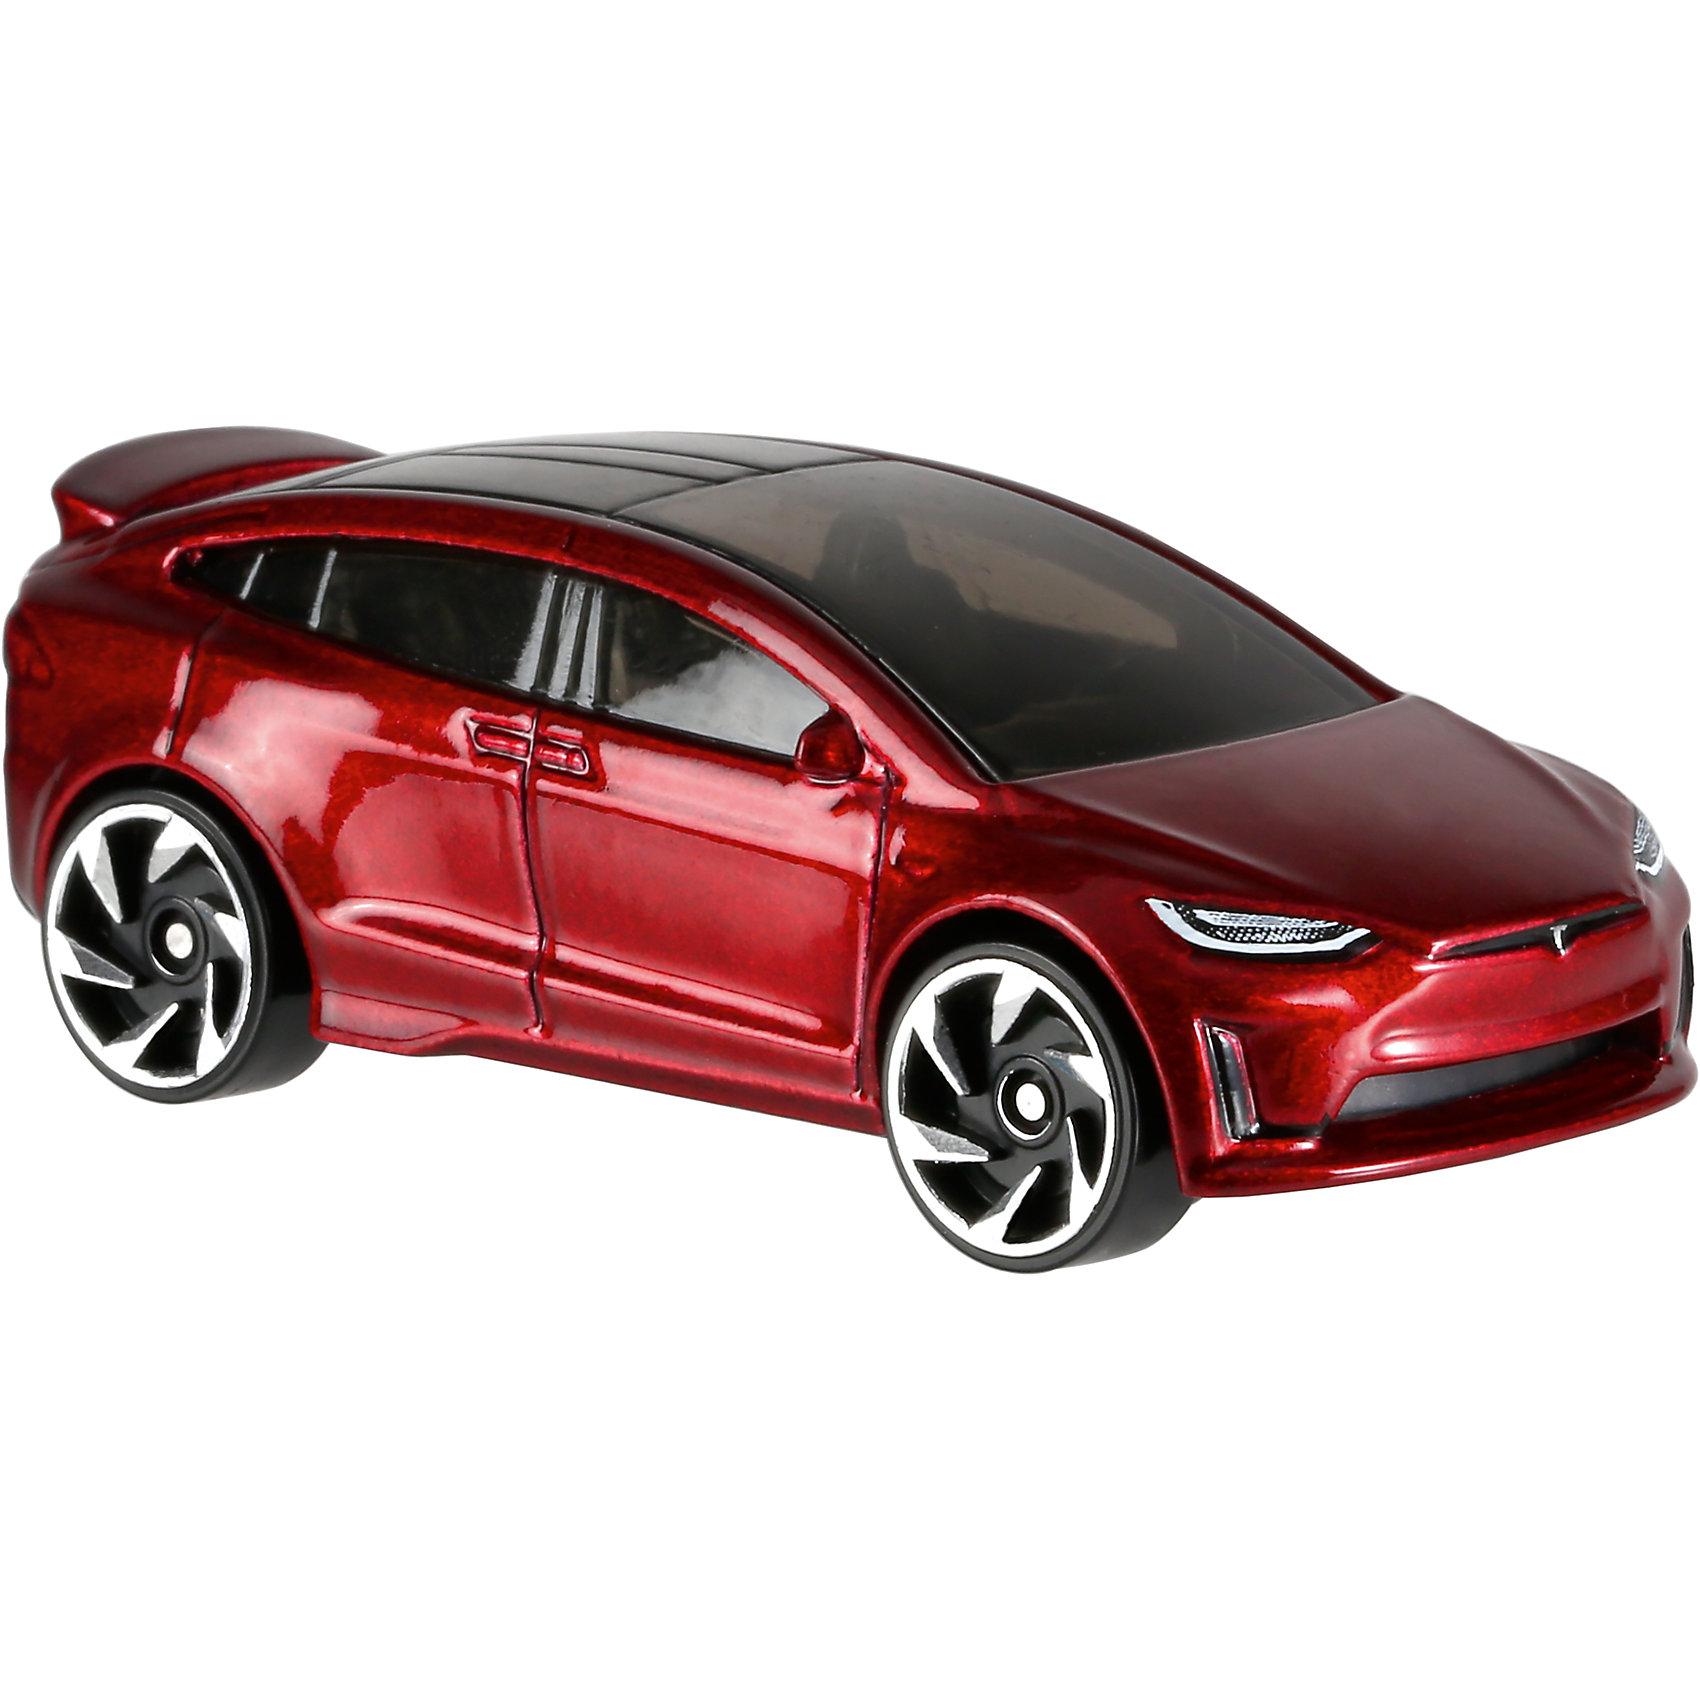 Базовая машинка Hot Wheels, Tesla Model XМашинки<br><br><br>Ширина мм: 110<br>Глубина мм: 45<br>Высота мм: 110<br>Вес г: 30<br>Возраст от месяцев: 36<br>Возраст до месяцев: 96<br>Пол: Мужской<br>Возраст: Детский<br>SKU: 7142089